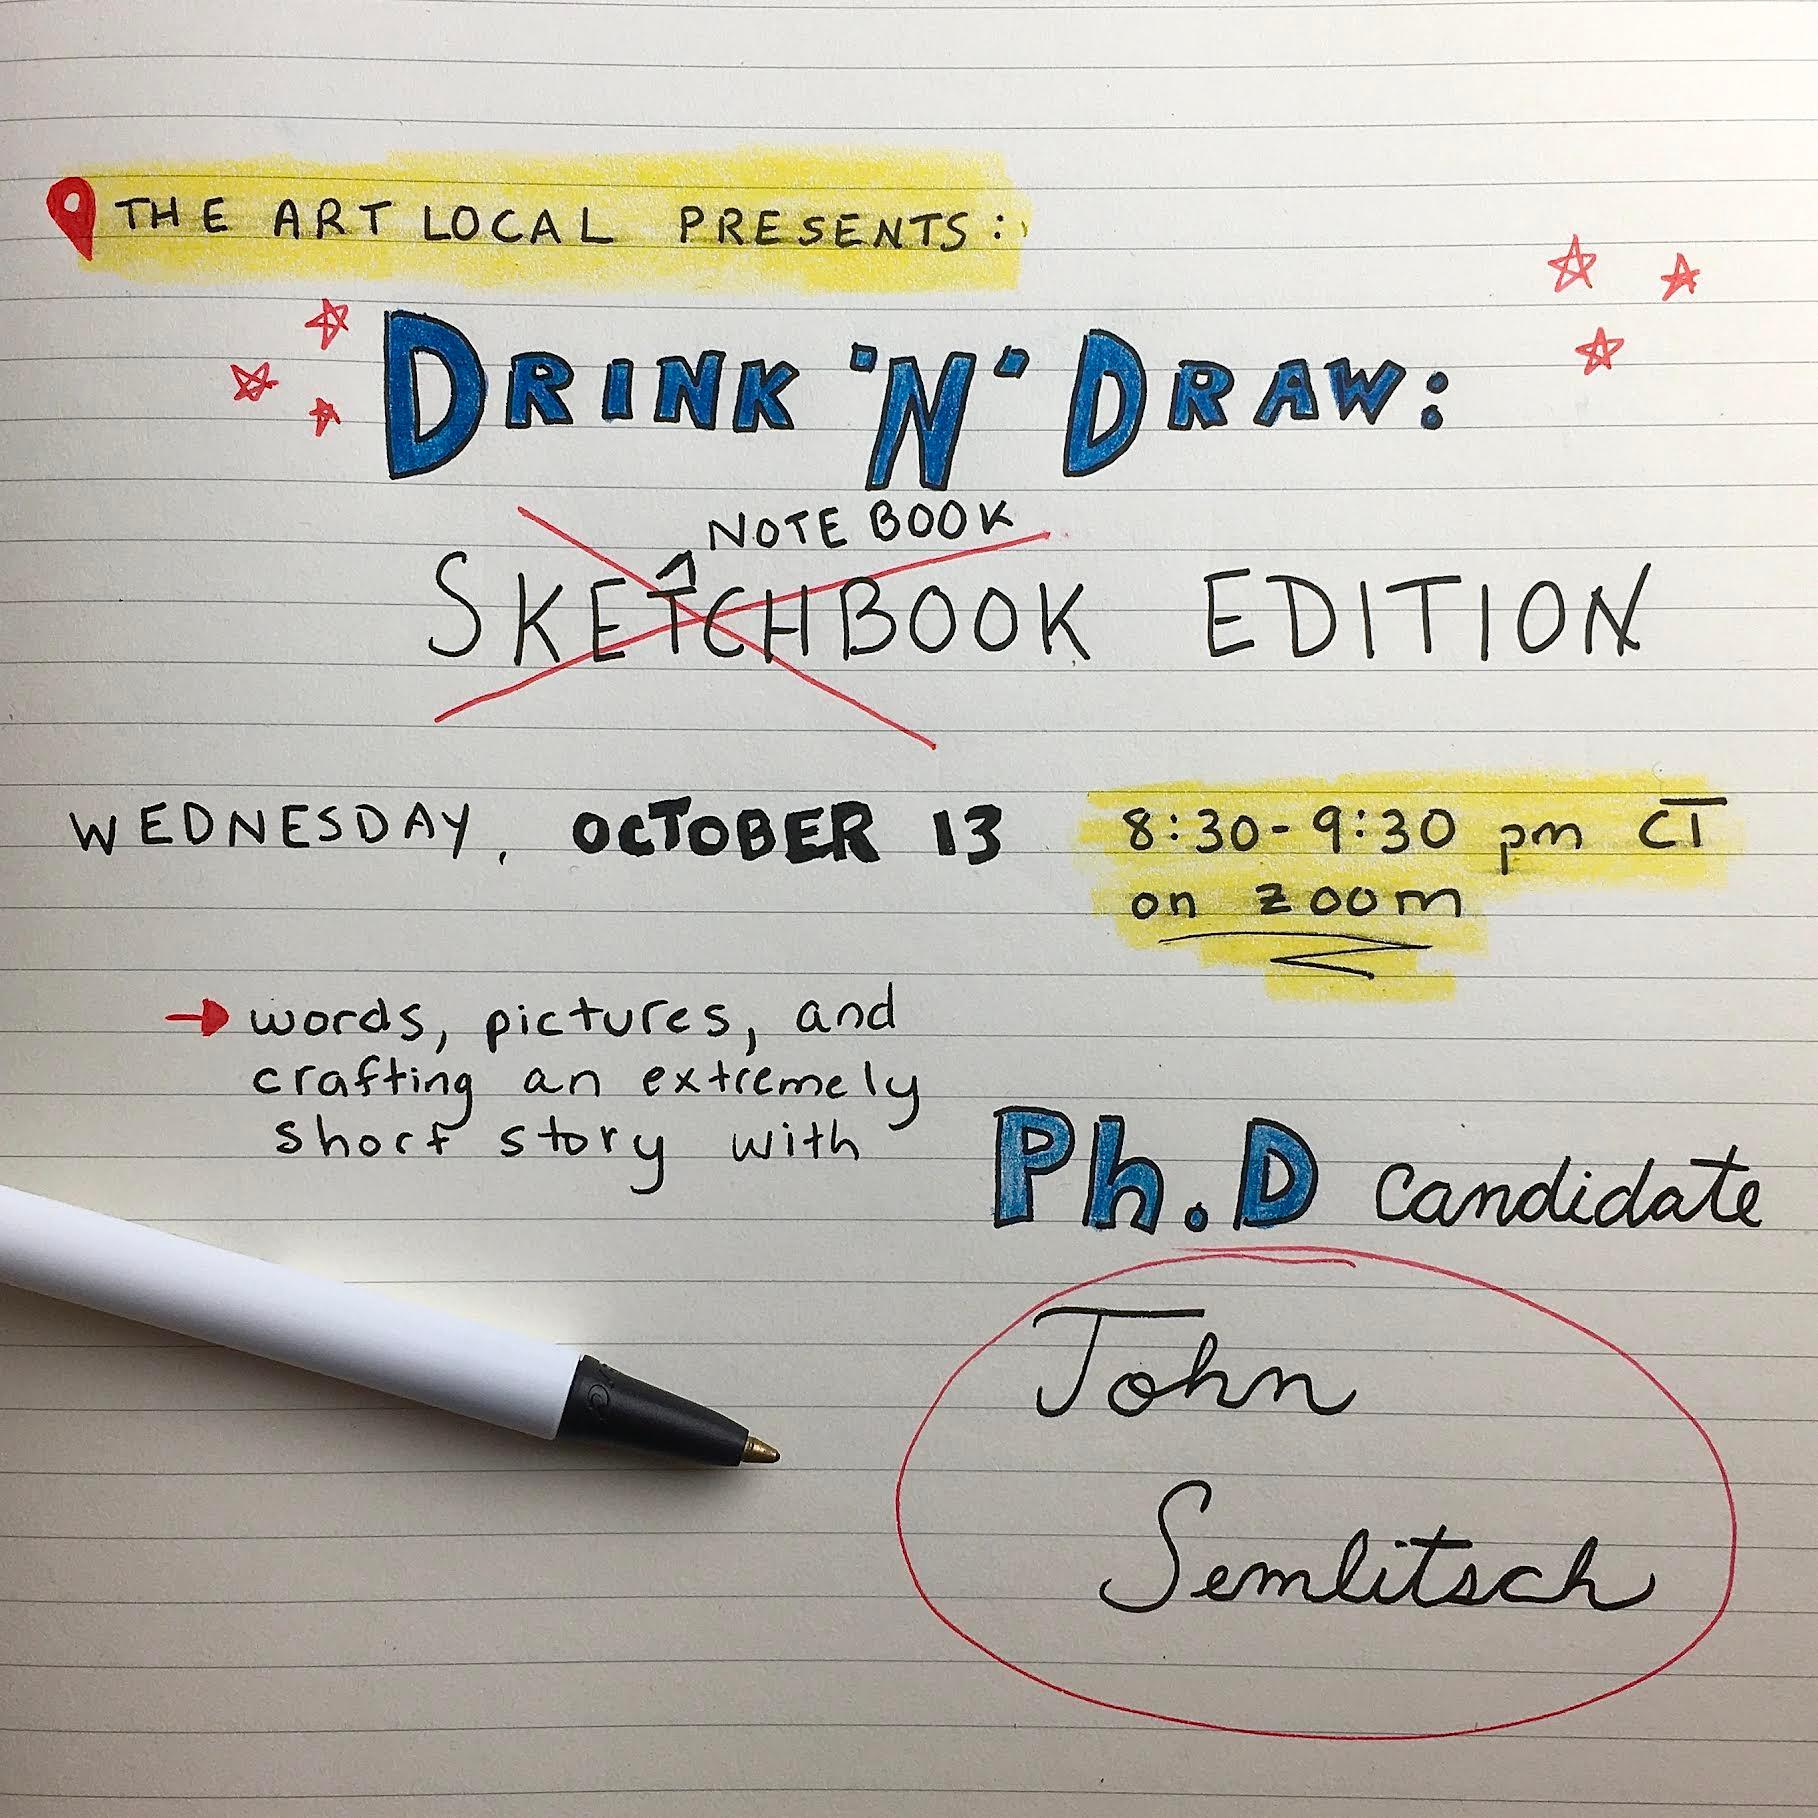 Drink 'N' Draw: Sketchbook Edition